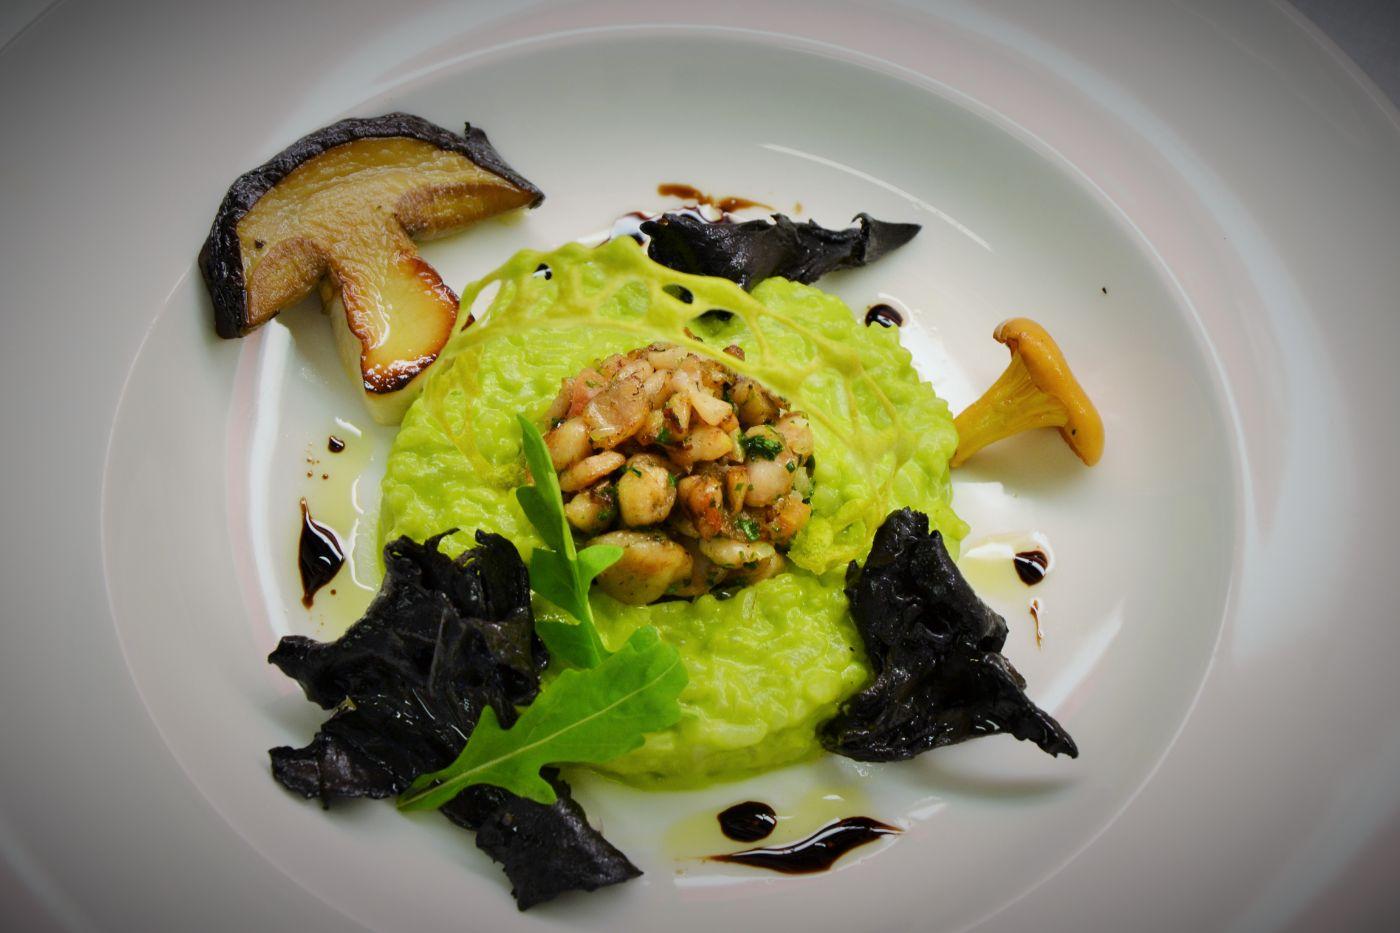 Cuisine bistronomique proche aigle restaurant l 39 etoile - Cuisine bistronomique ...